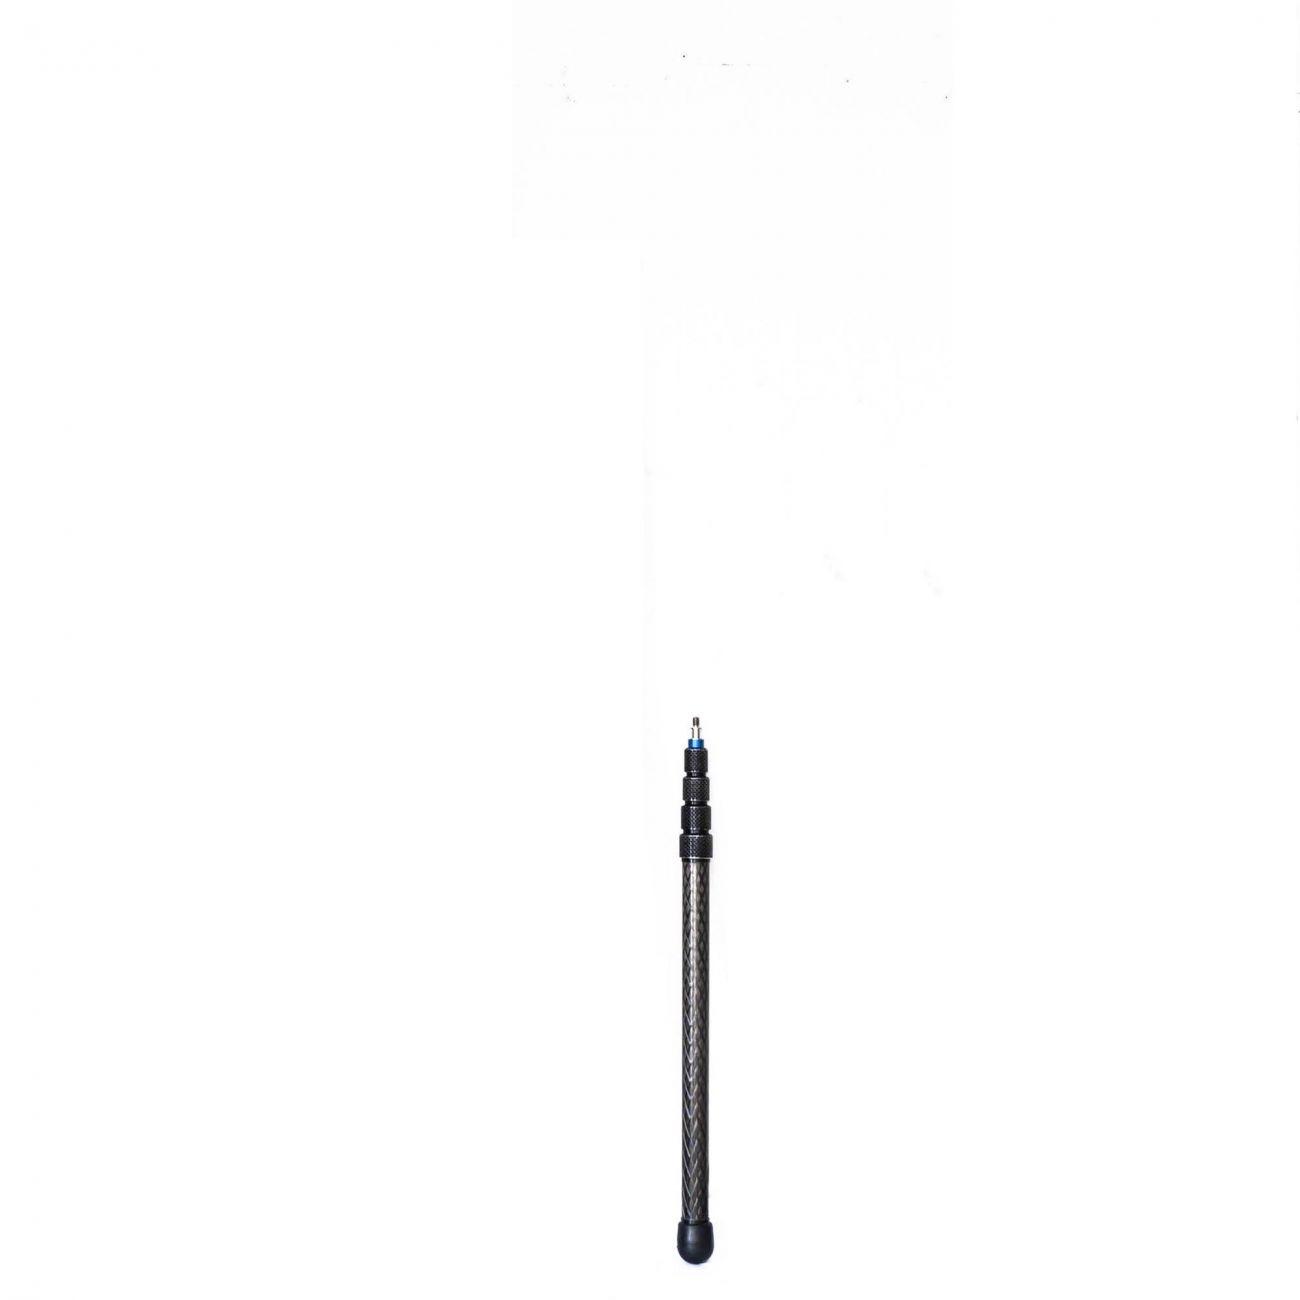 Boompole Ambient Recording QP 4140 Quickpole 154-520 cm